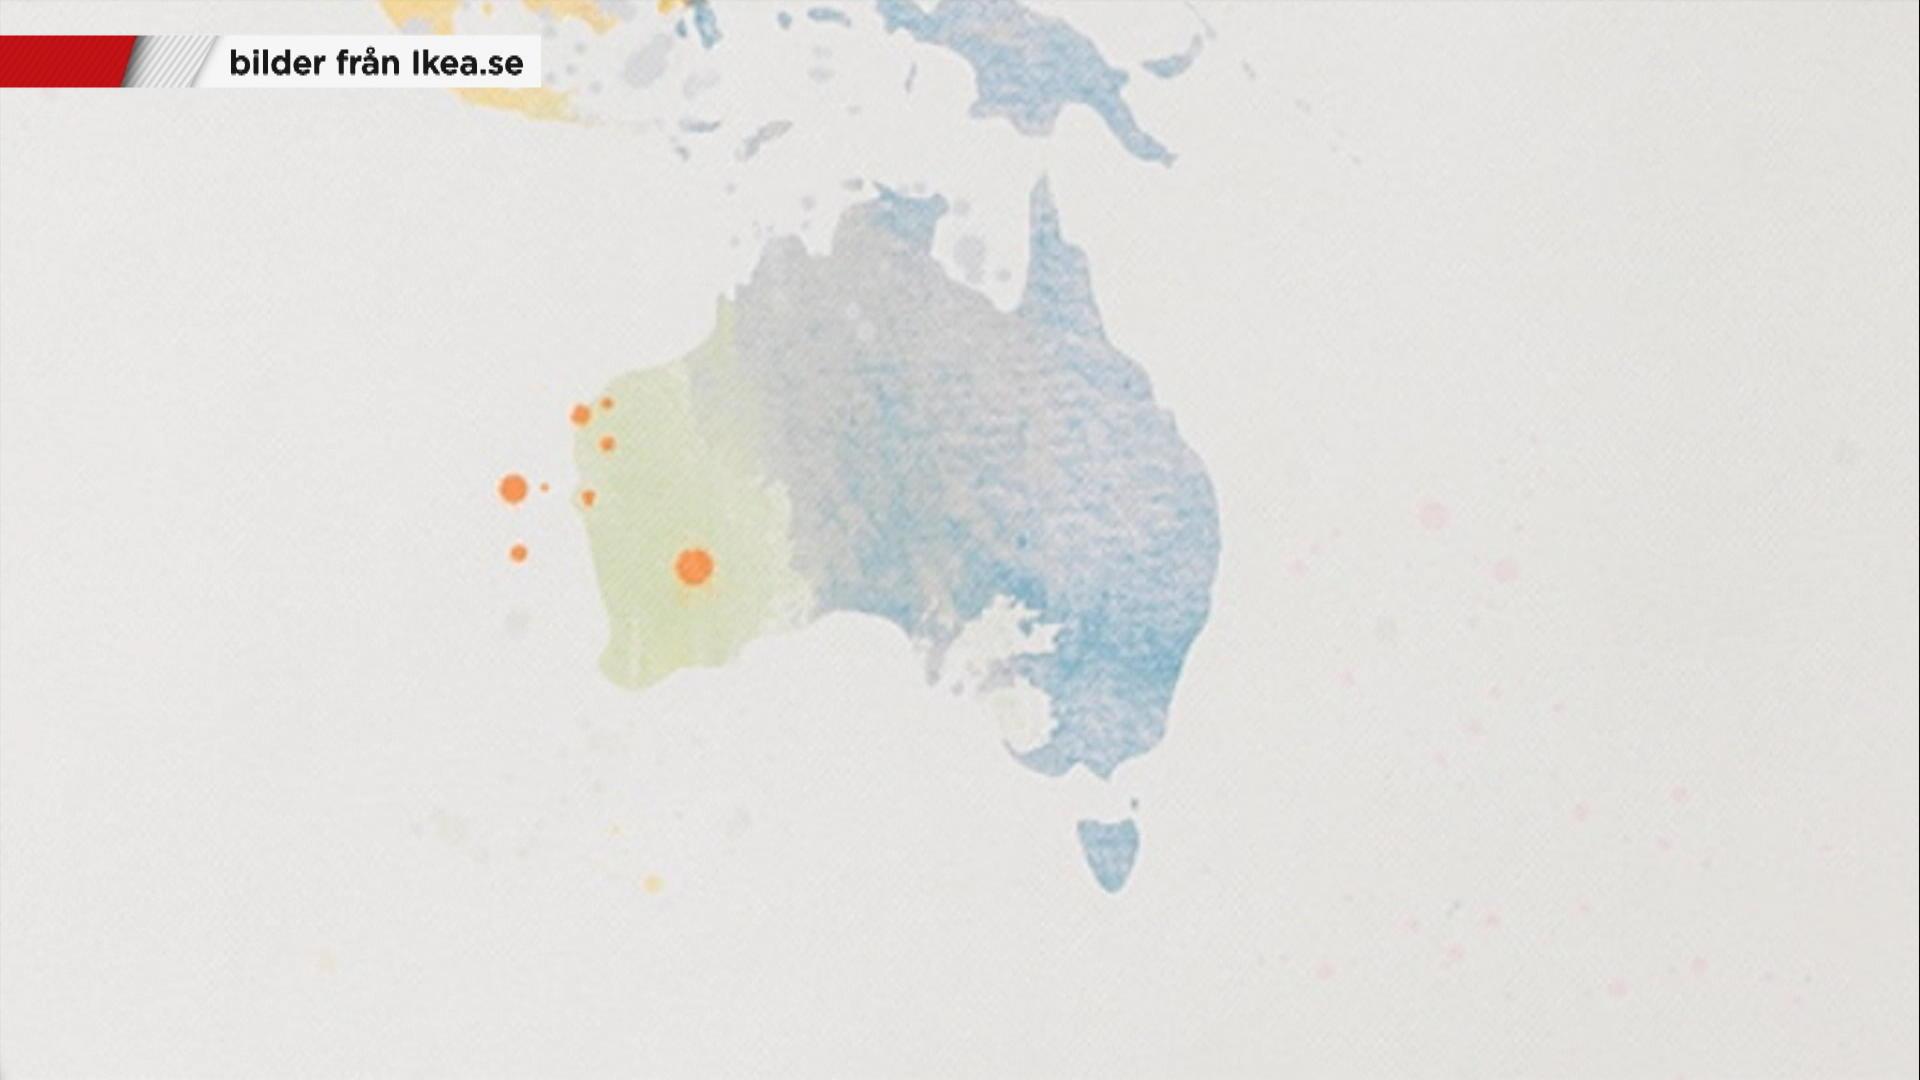 Nya Zeeland Utraderat Fran Ikea Karta Nyheterna Tv4 Se